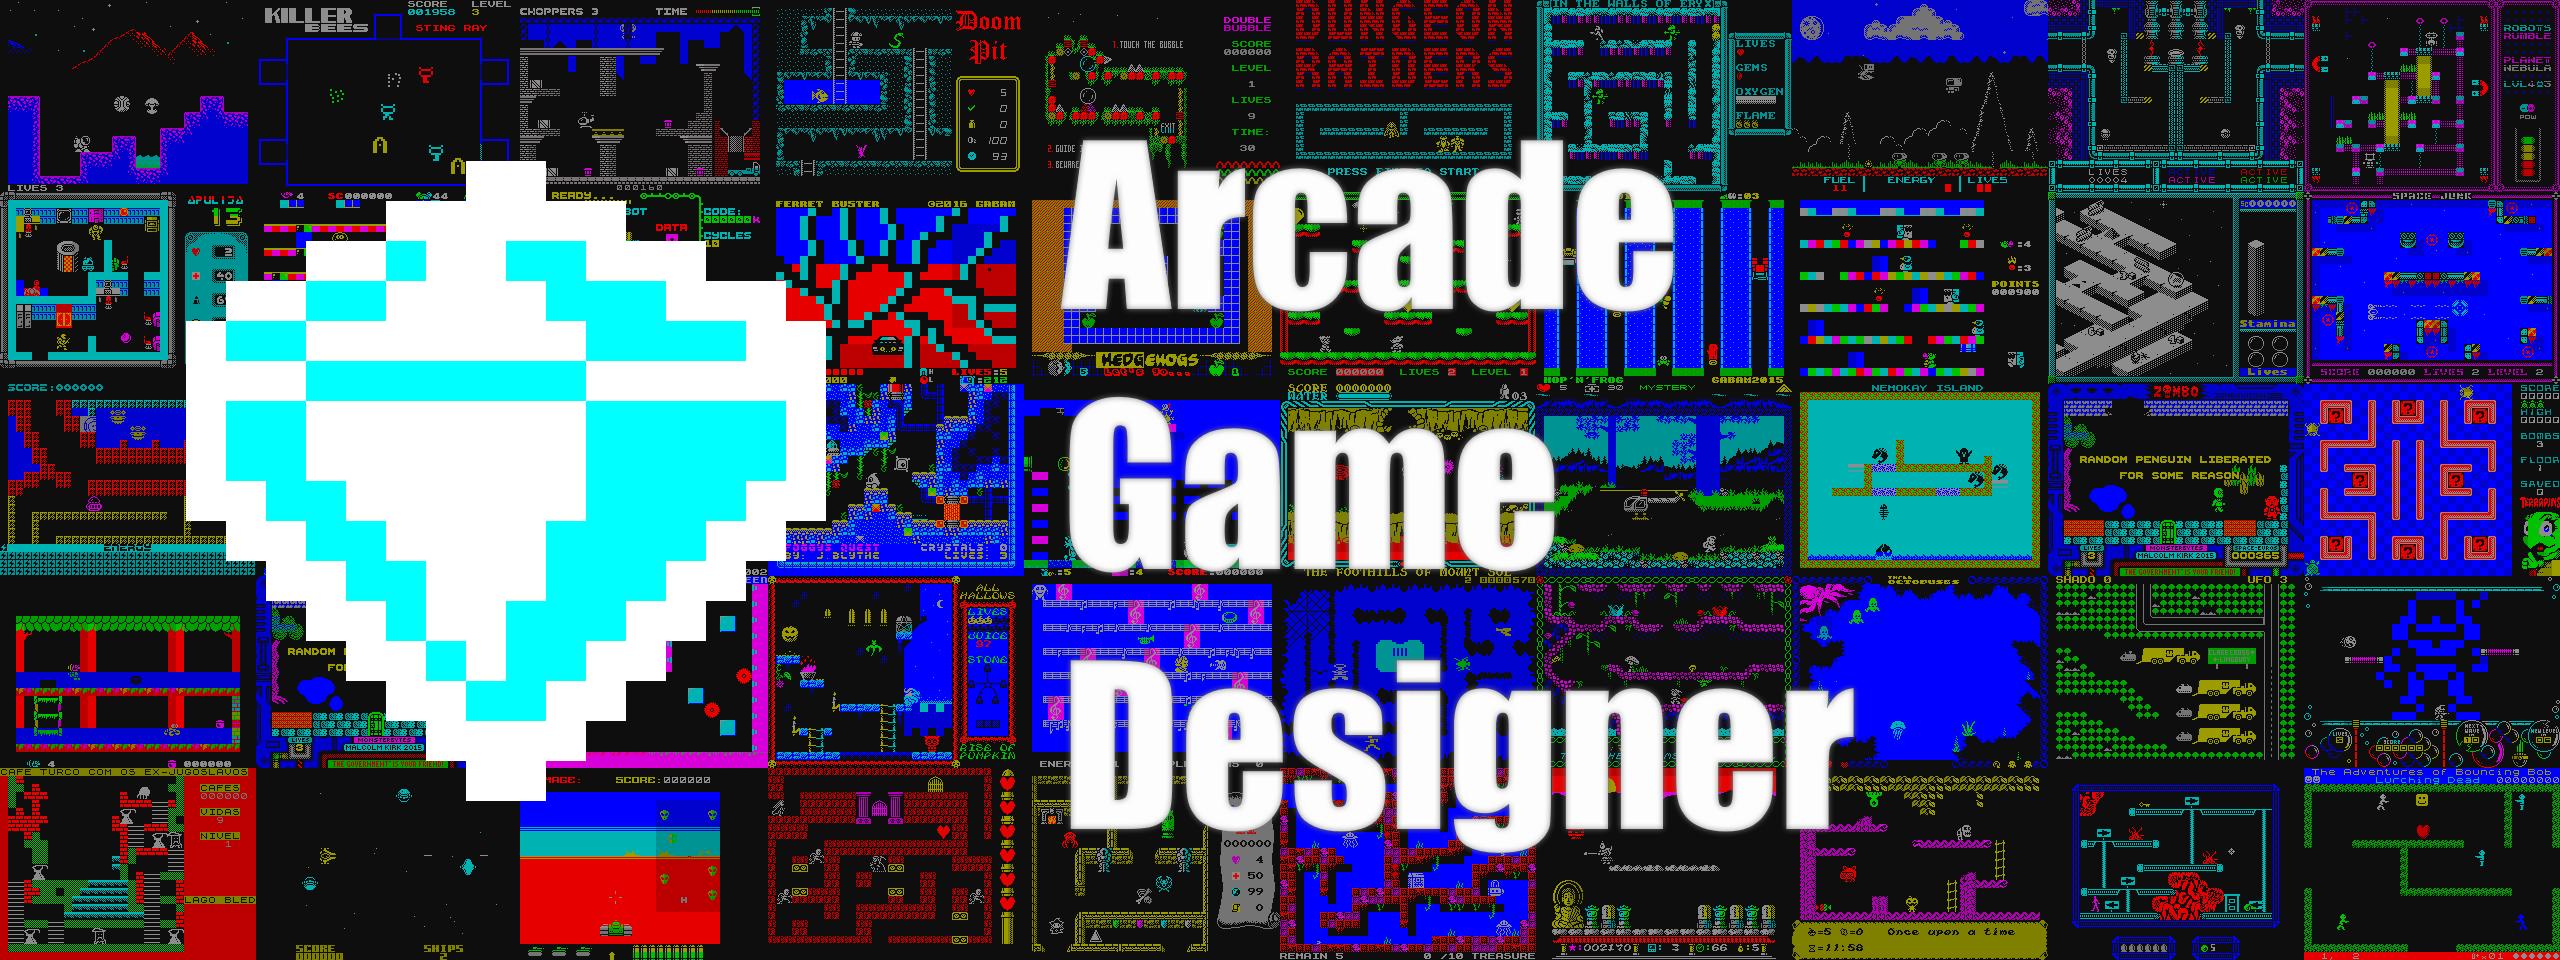 Arcade Game Designer